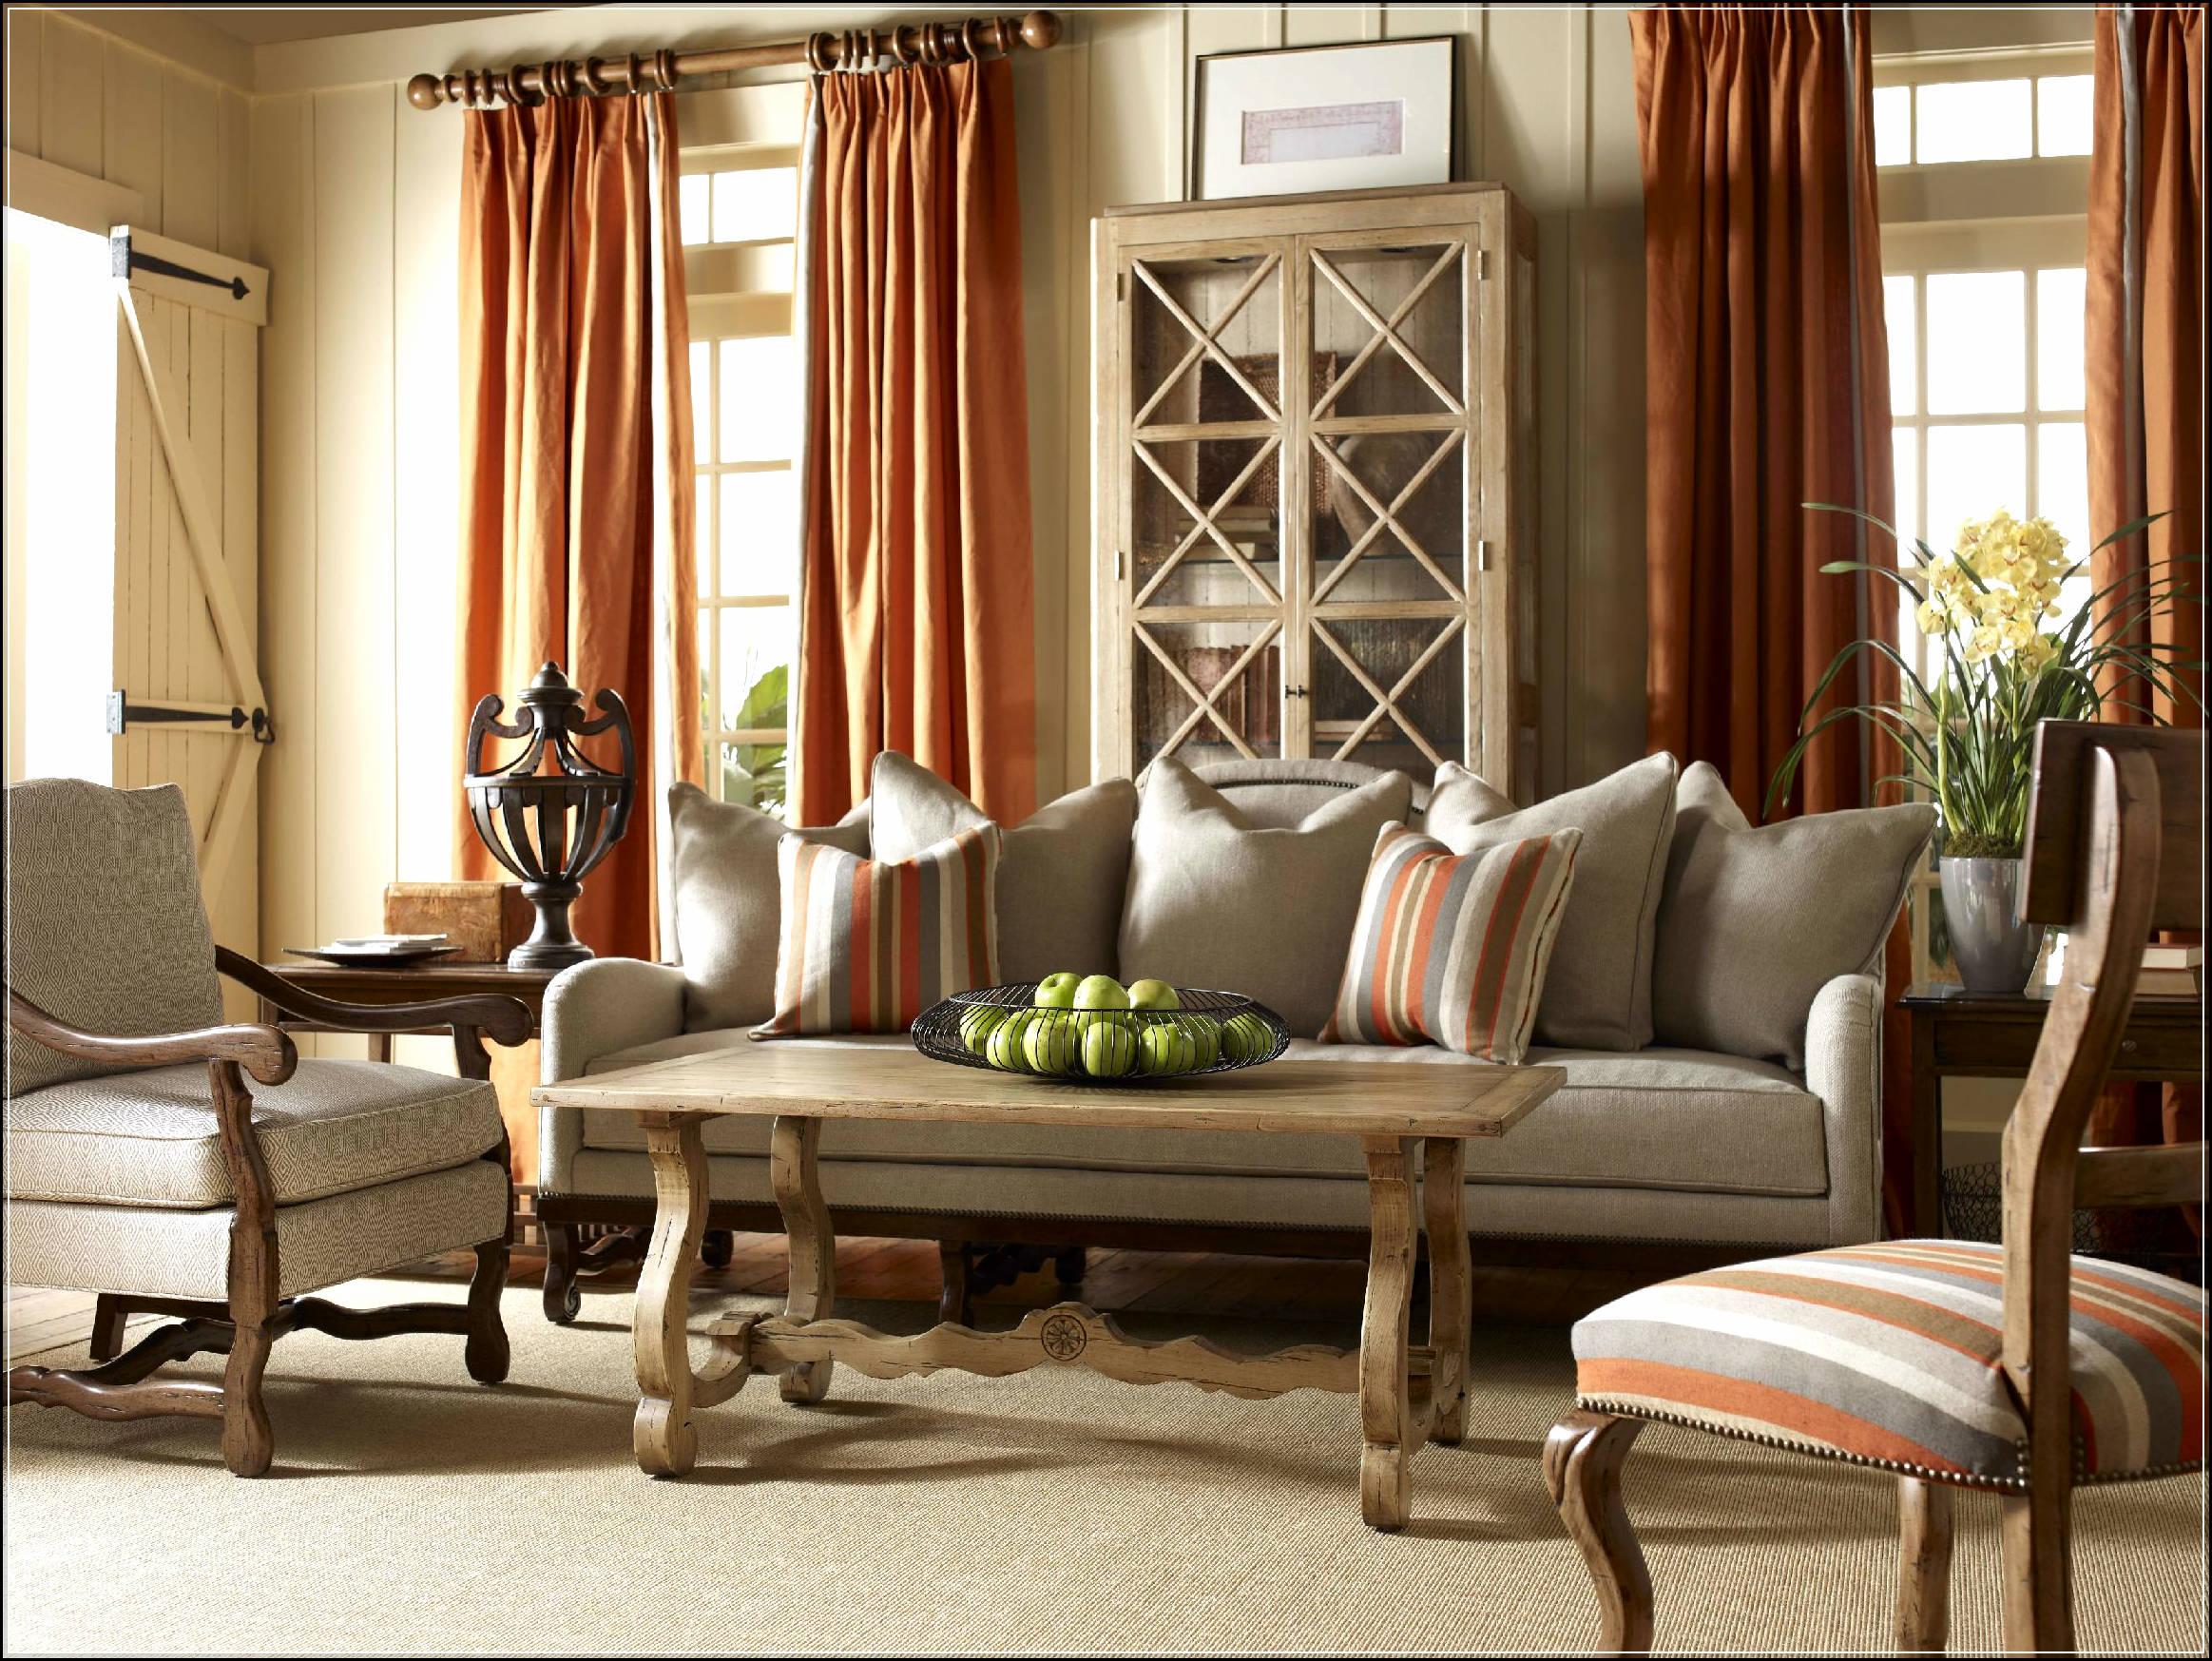 Карниз для штор в стиле прованс, как правило, имеет простую форму и выполнен из дерева или металла